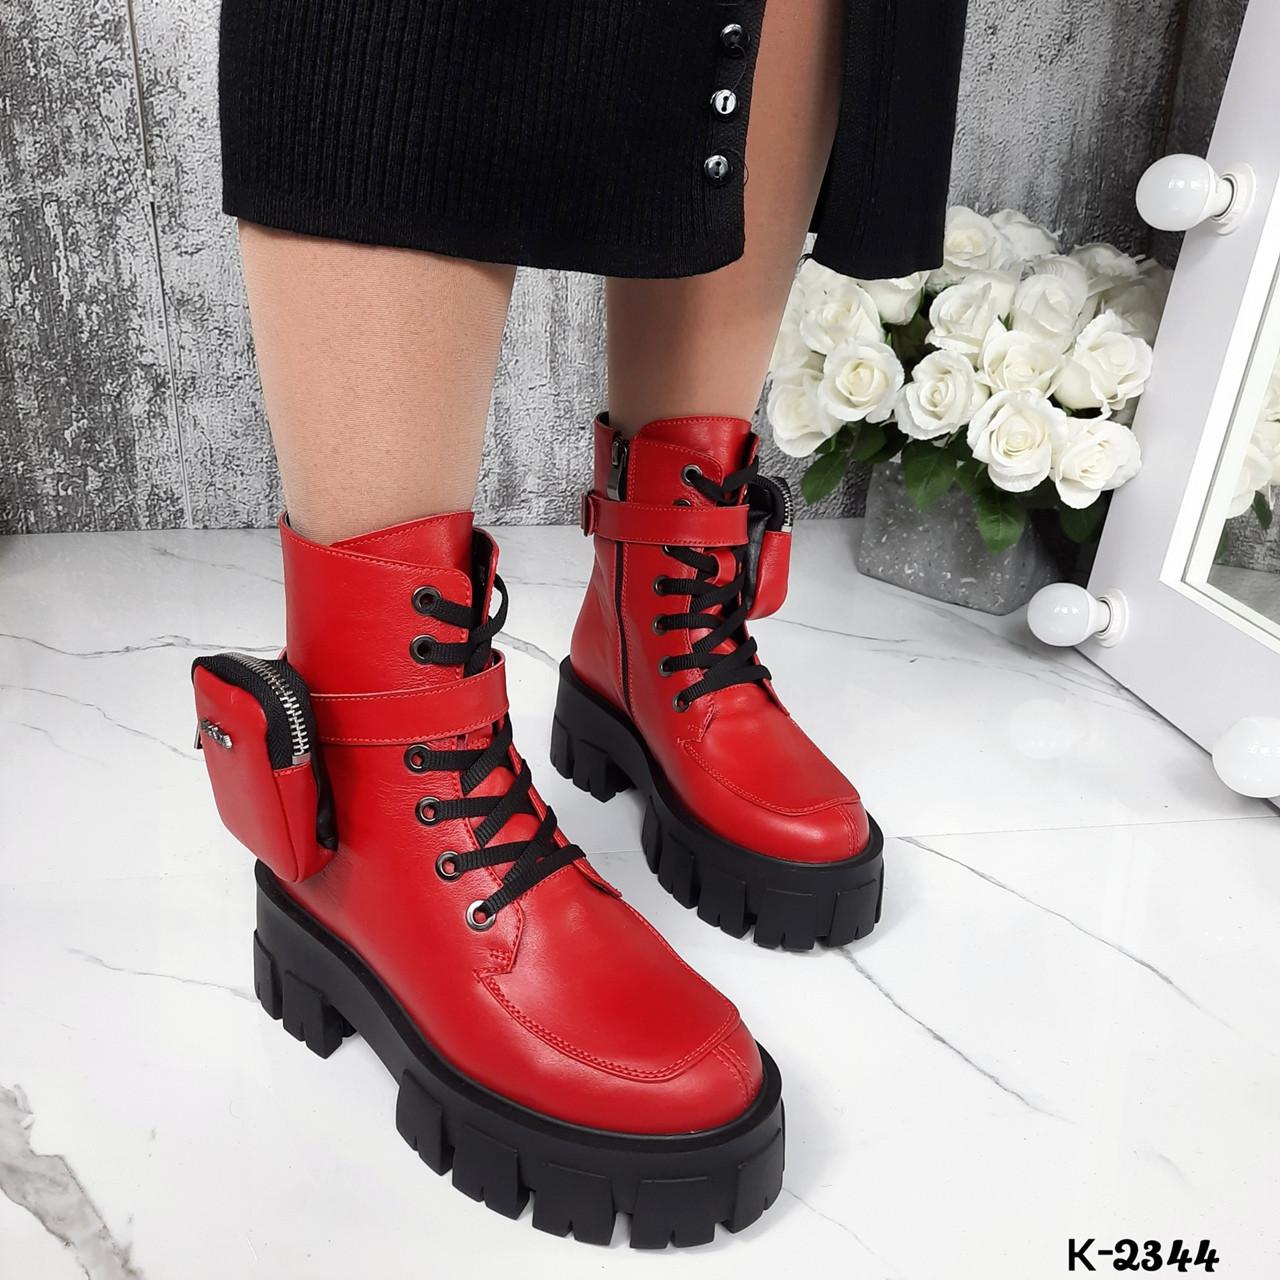 Зимние женские красные ботинки, натуральная кожа